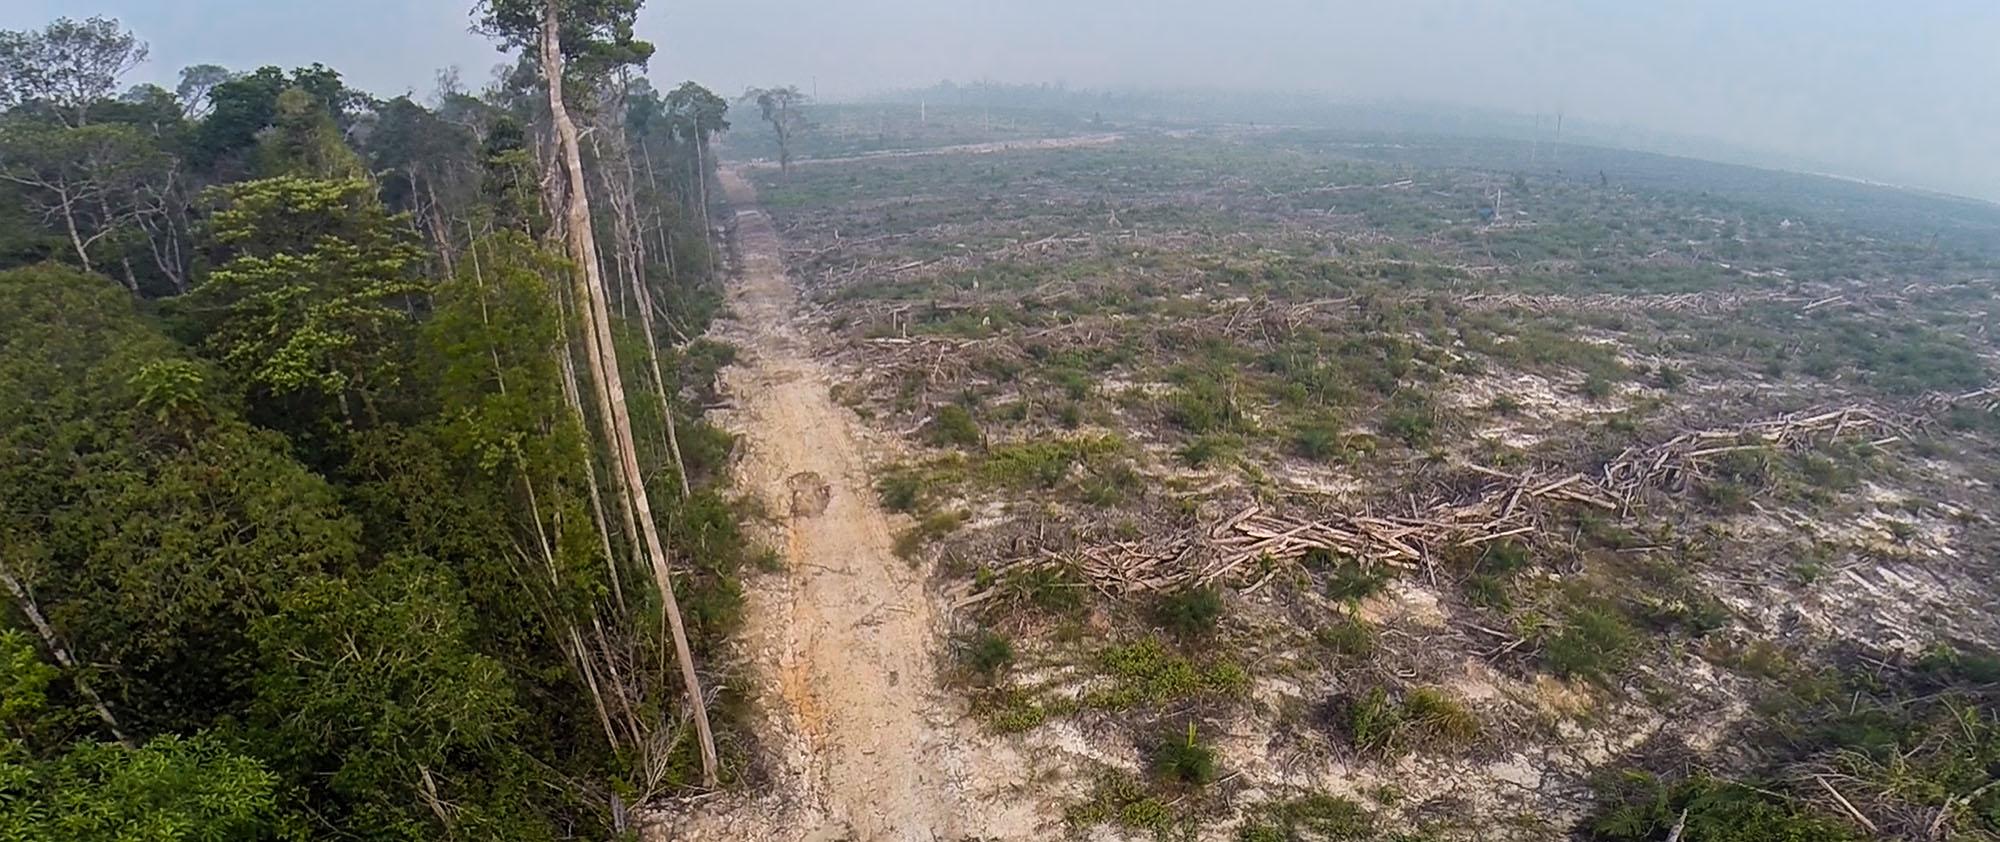 Der Regenwald in Indonesien wird gerodet - wegen unseres Hungers nach natürlichen Ressourcen